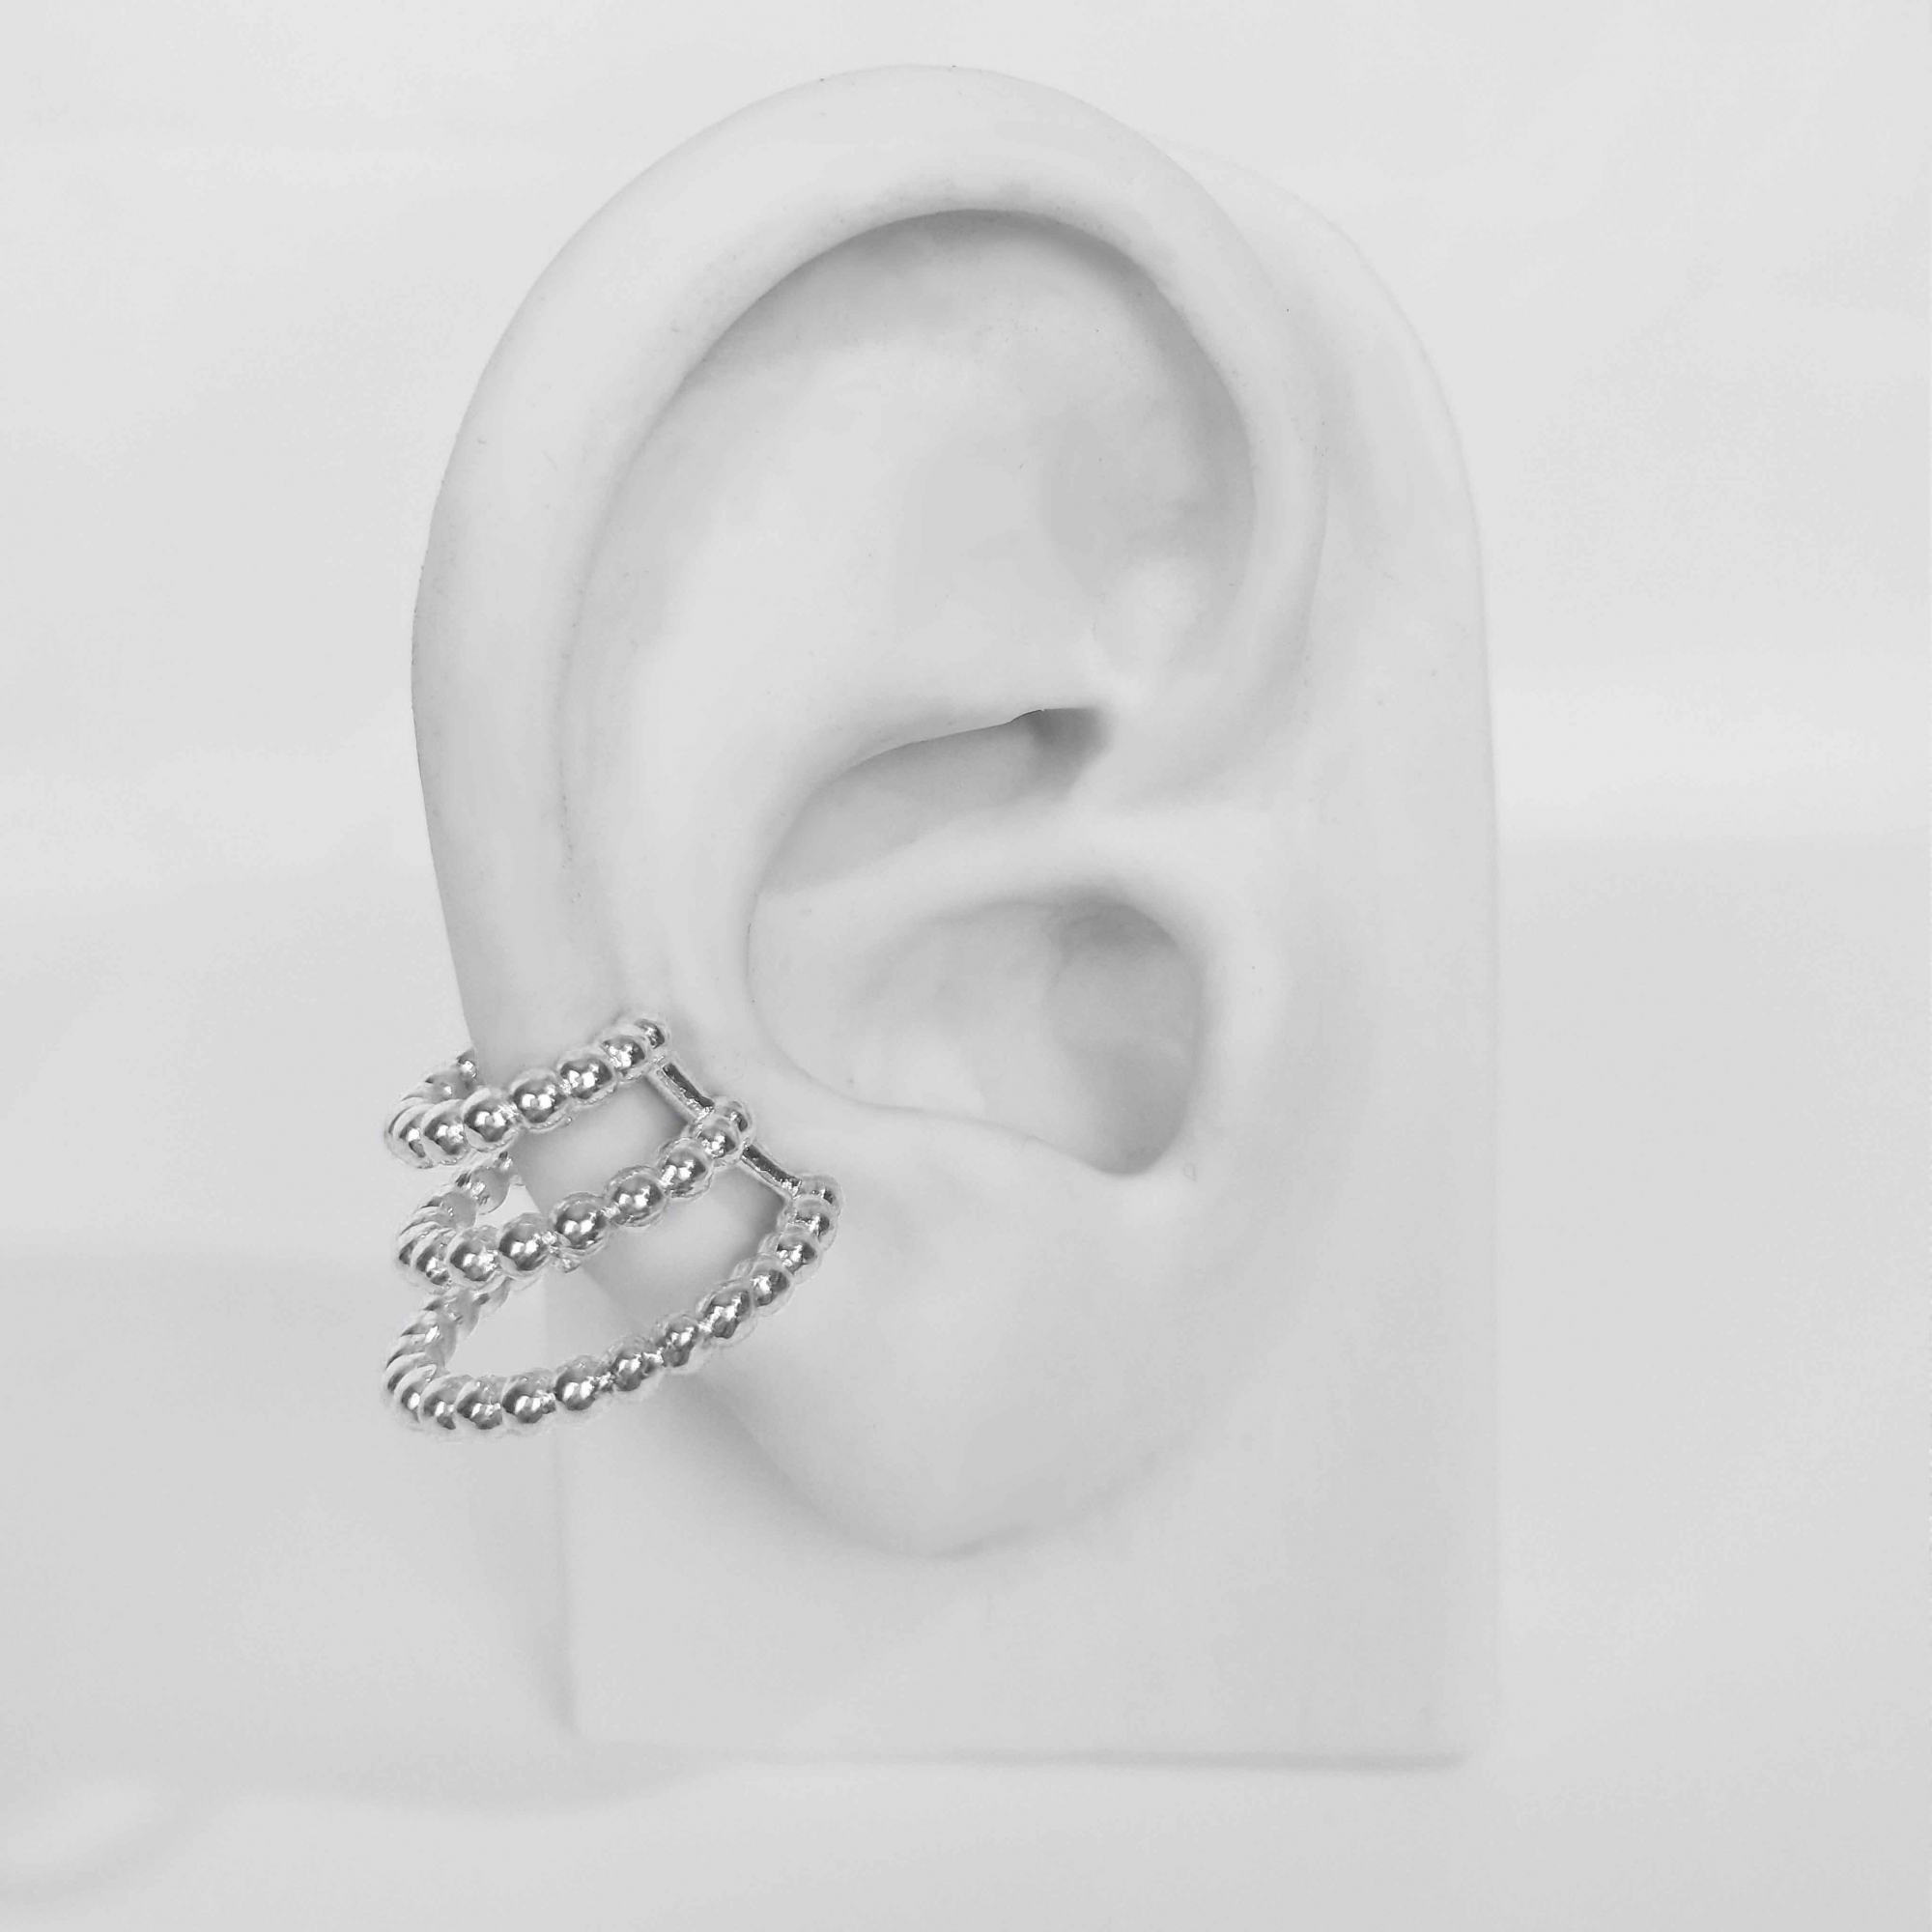 Brinco Piercing Fake 3 Fios de Bolinhas Modelo Cone Folheado Prata 1000  - Lunozê Joias